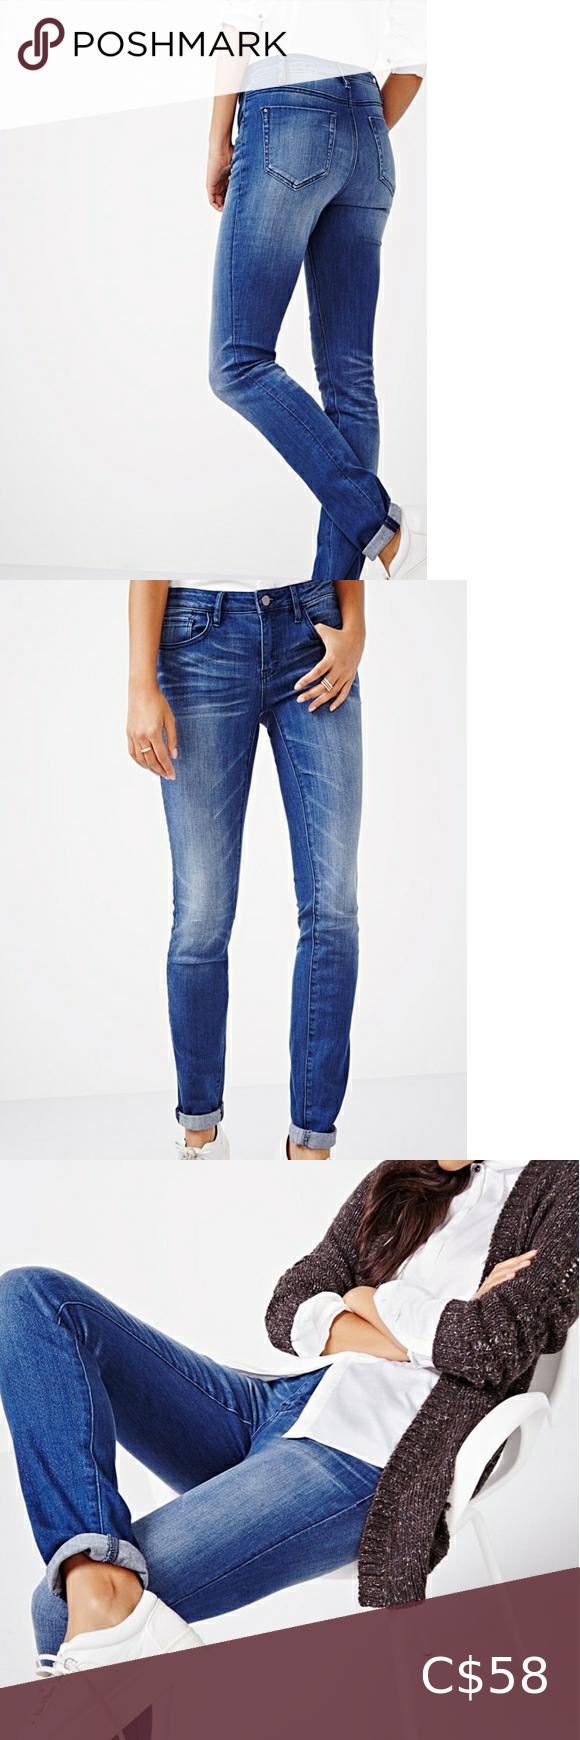 New! RW&Co Skinny Stretch Jeans